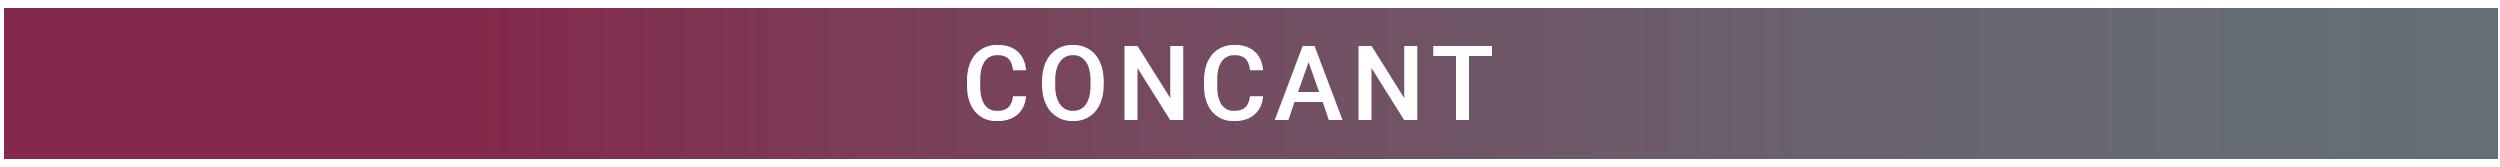 Concant